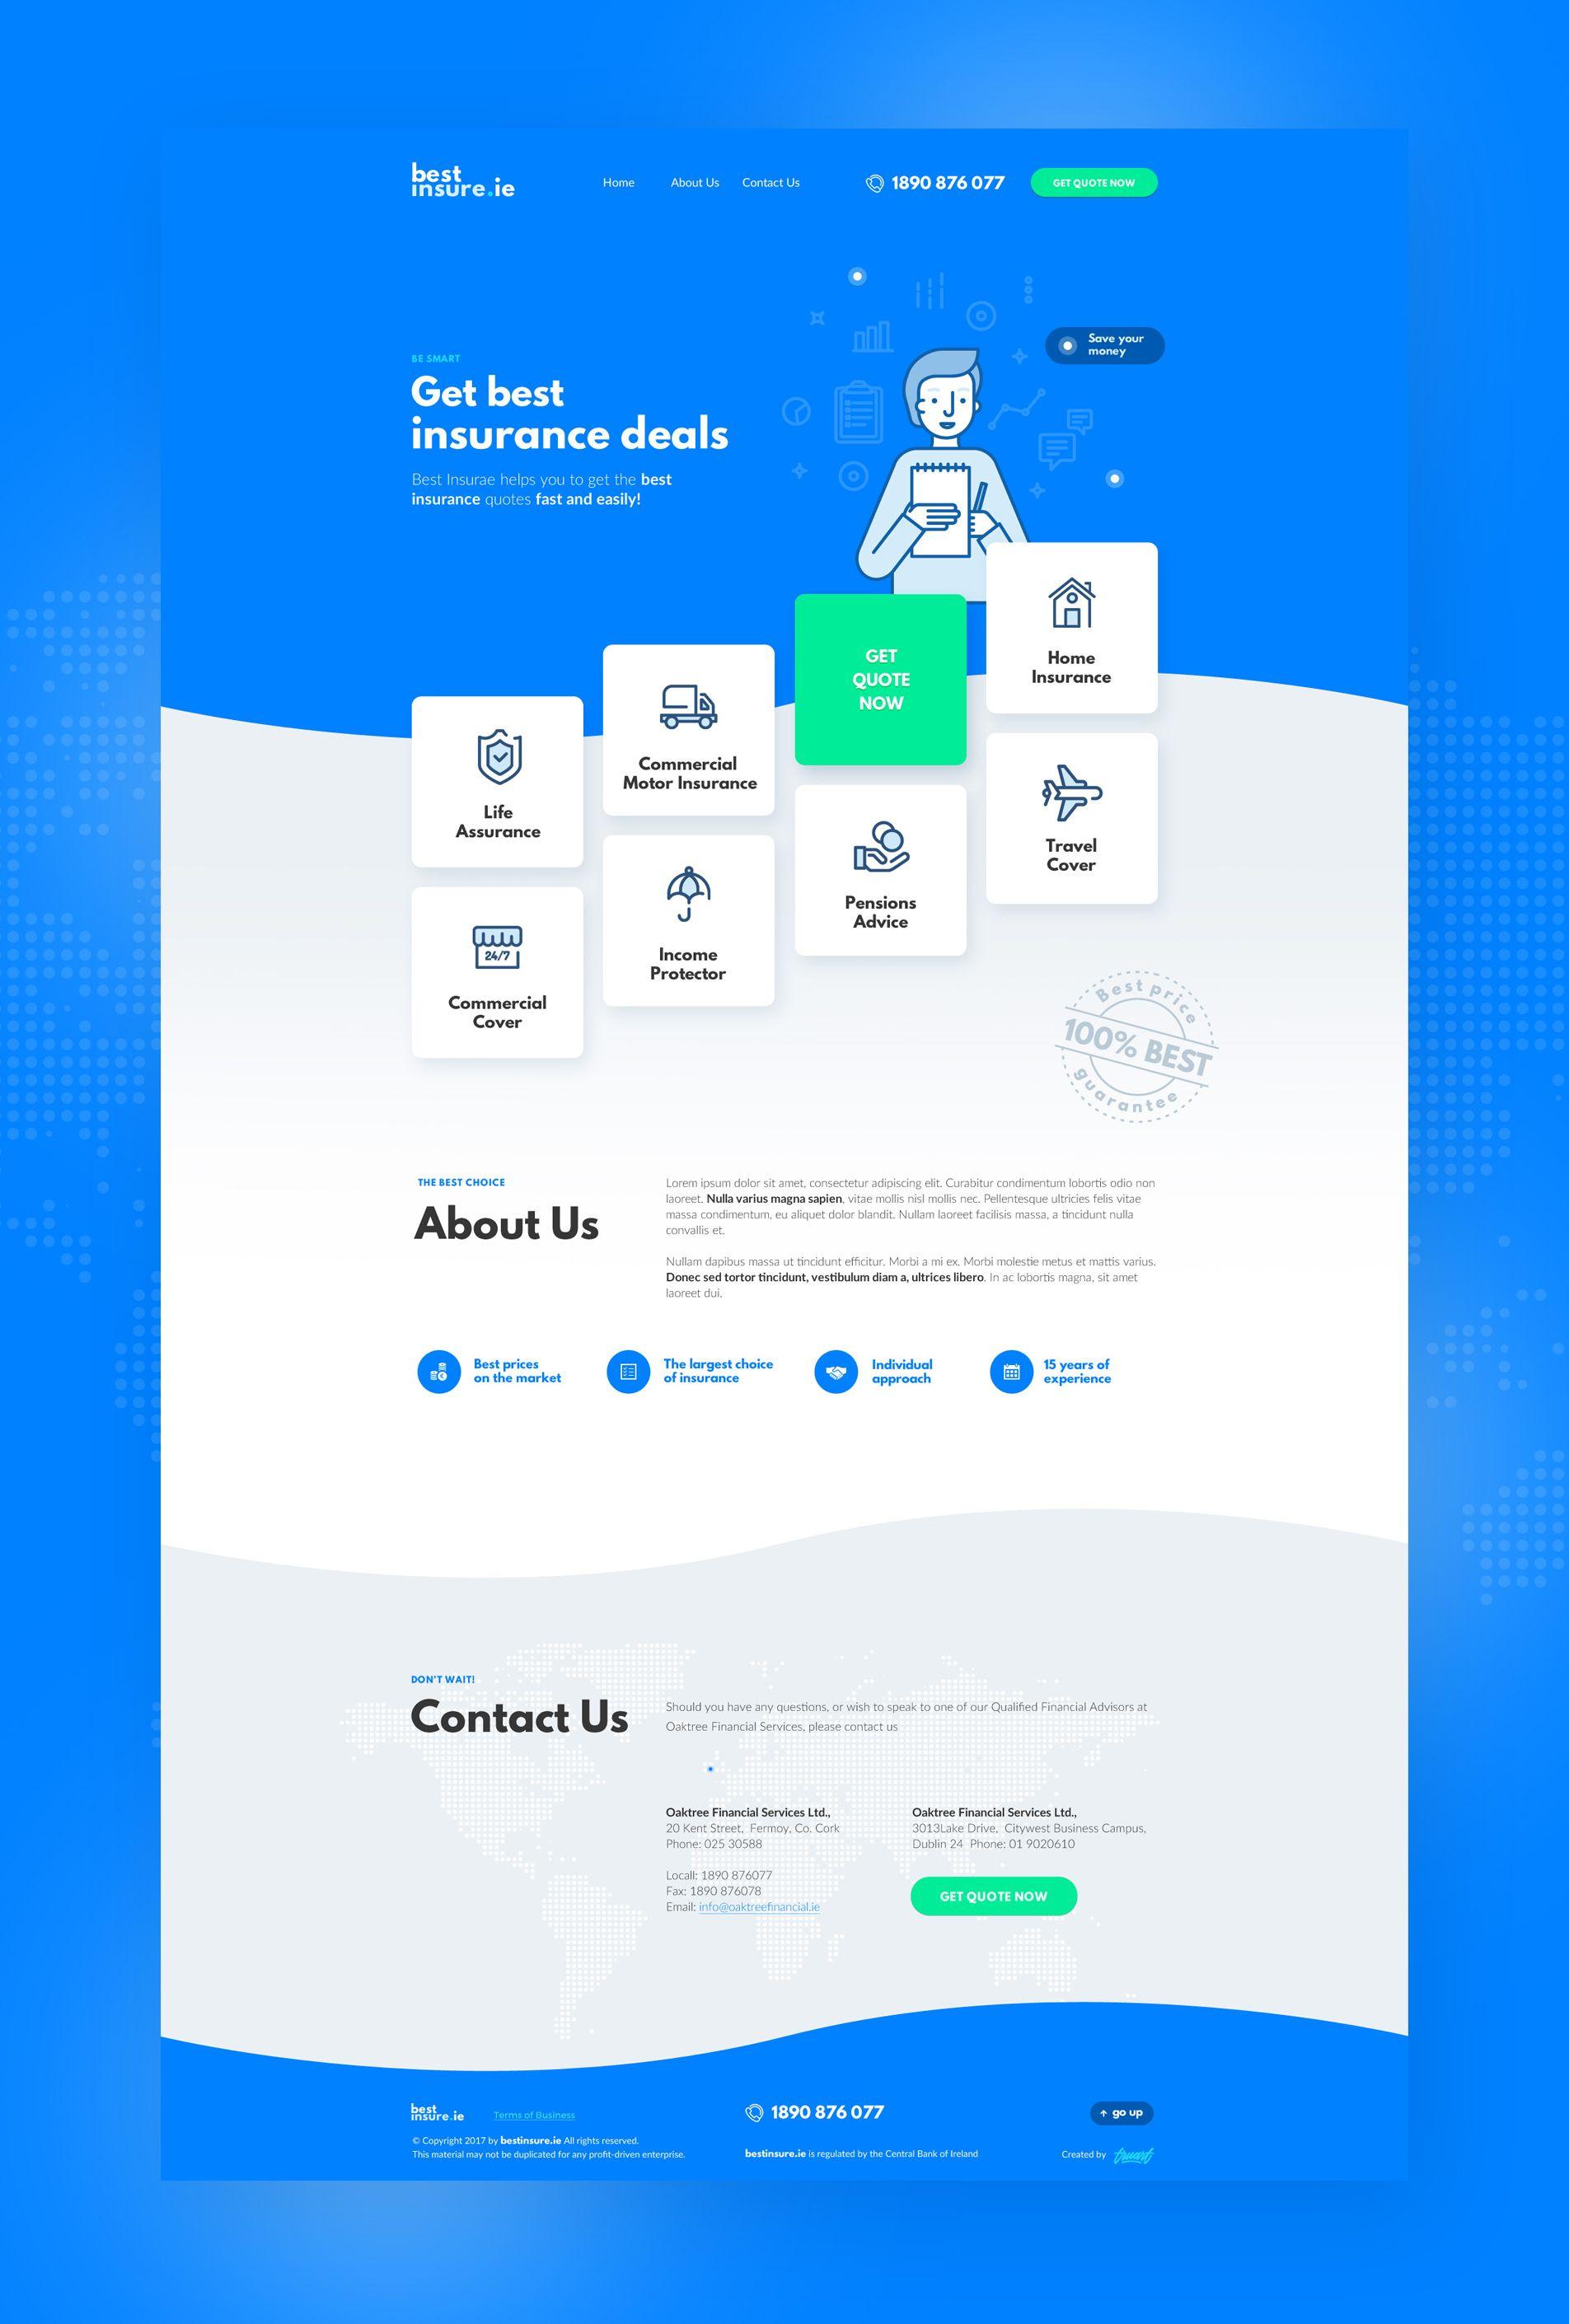 Bestinsure Big Web Design Websites Web Design Trends Web Layout Design